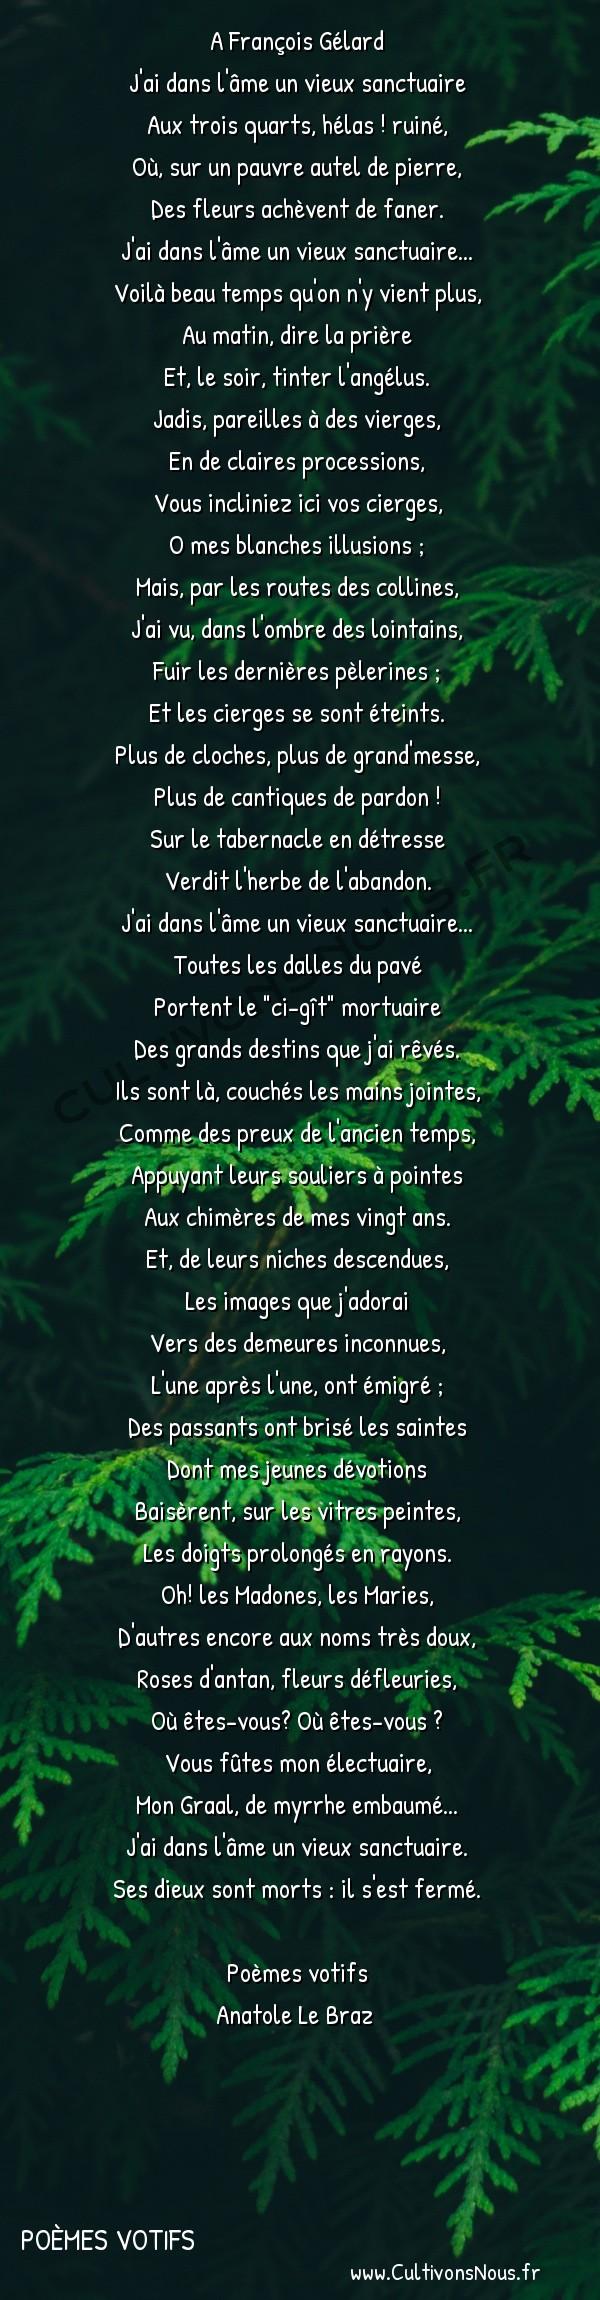 Poésie Anatole Le Braz - Poèmes votifs - Sanctuaire en ruines -  A François Gélard J'ai dans l'âme un vieux sanctuaire